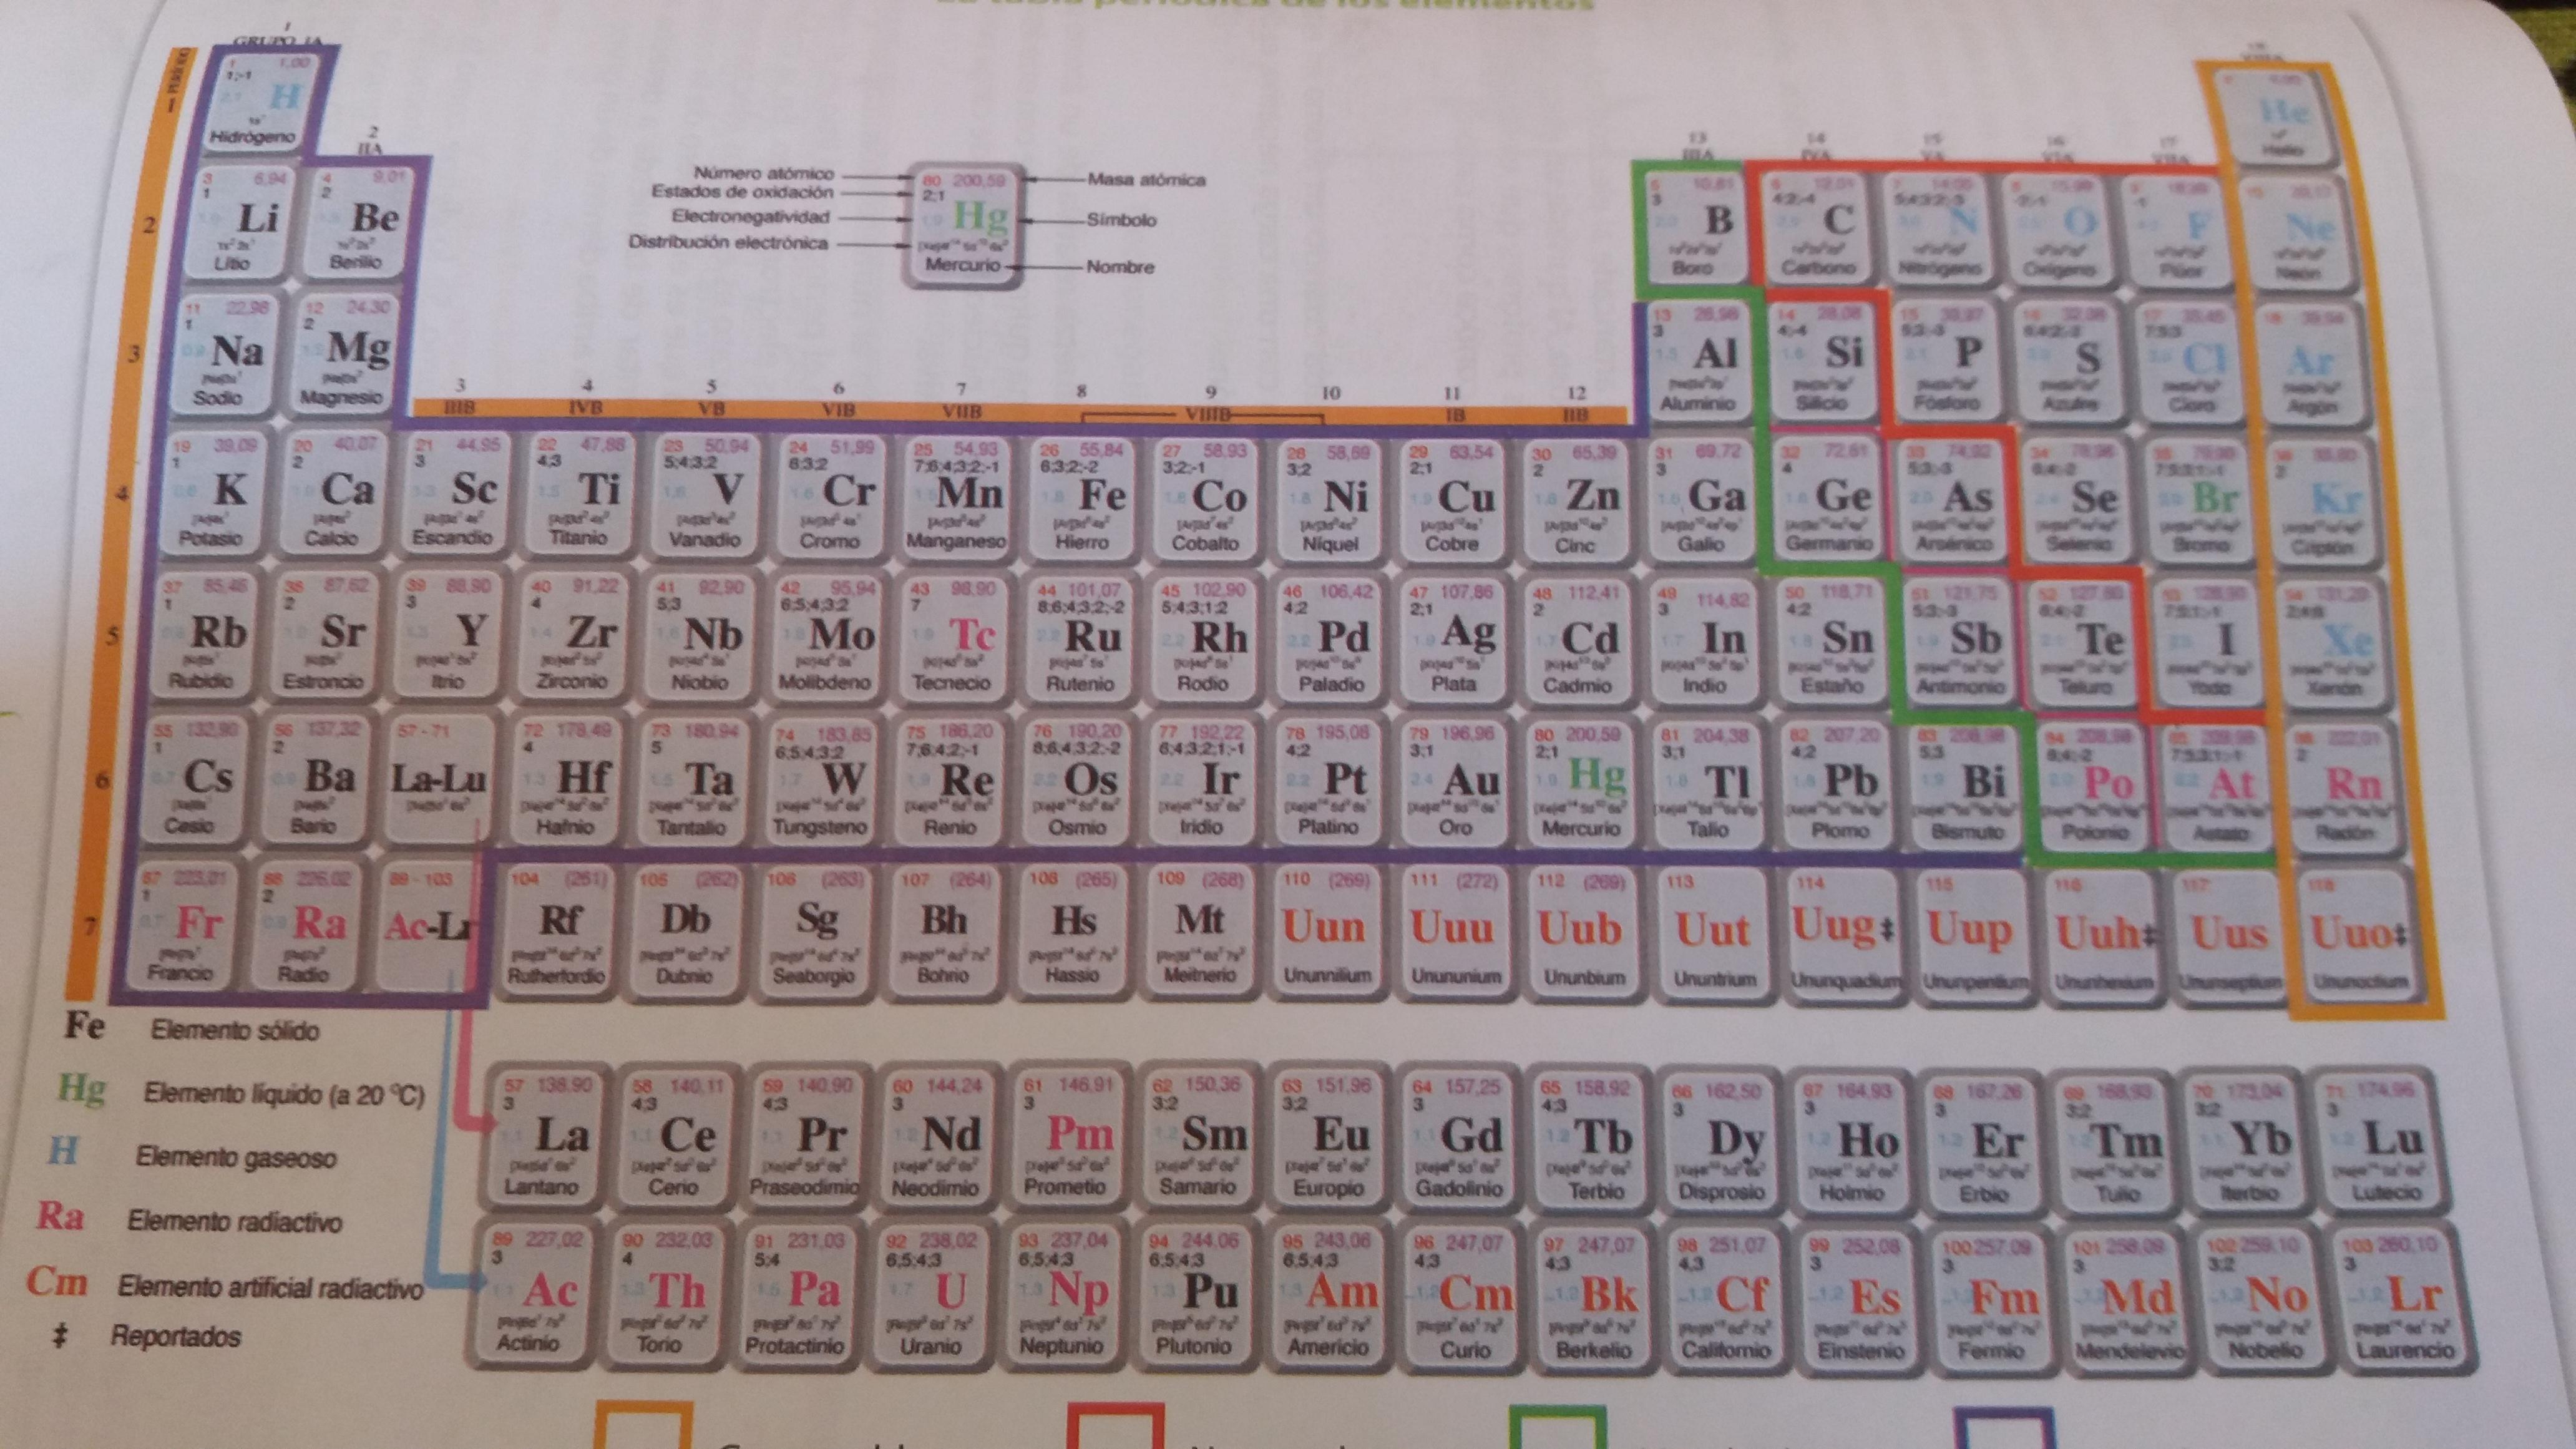 Imagenes de la tabla periodica de los elementos quimicos ayuda descarga jpg urtaz Image collections